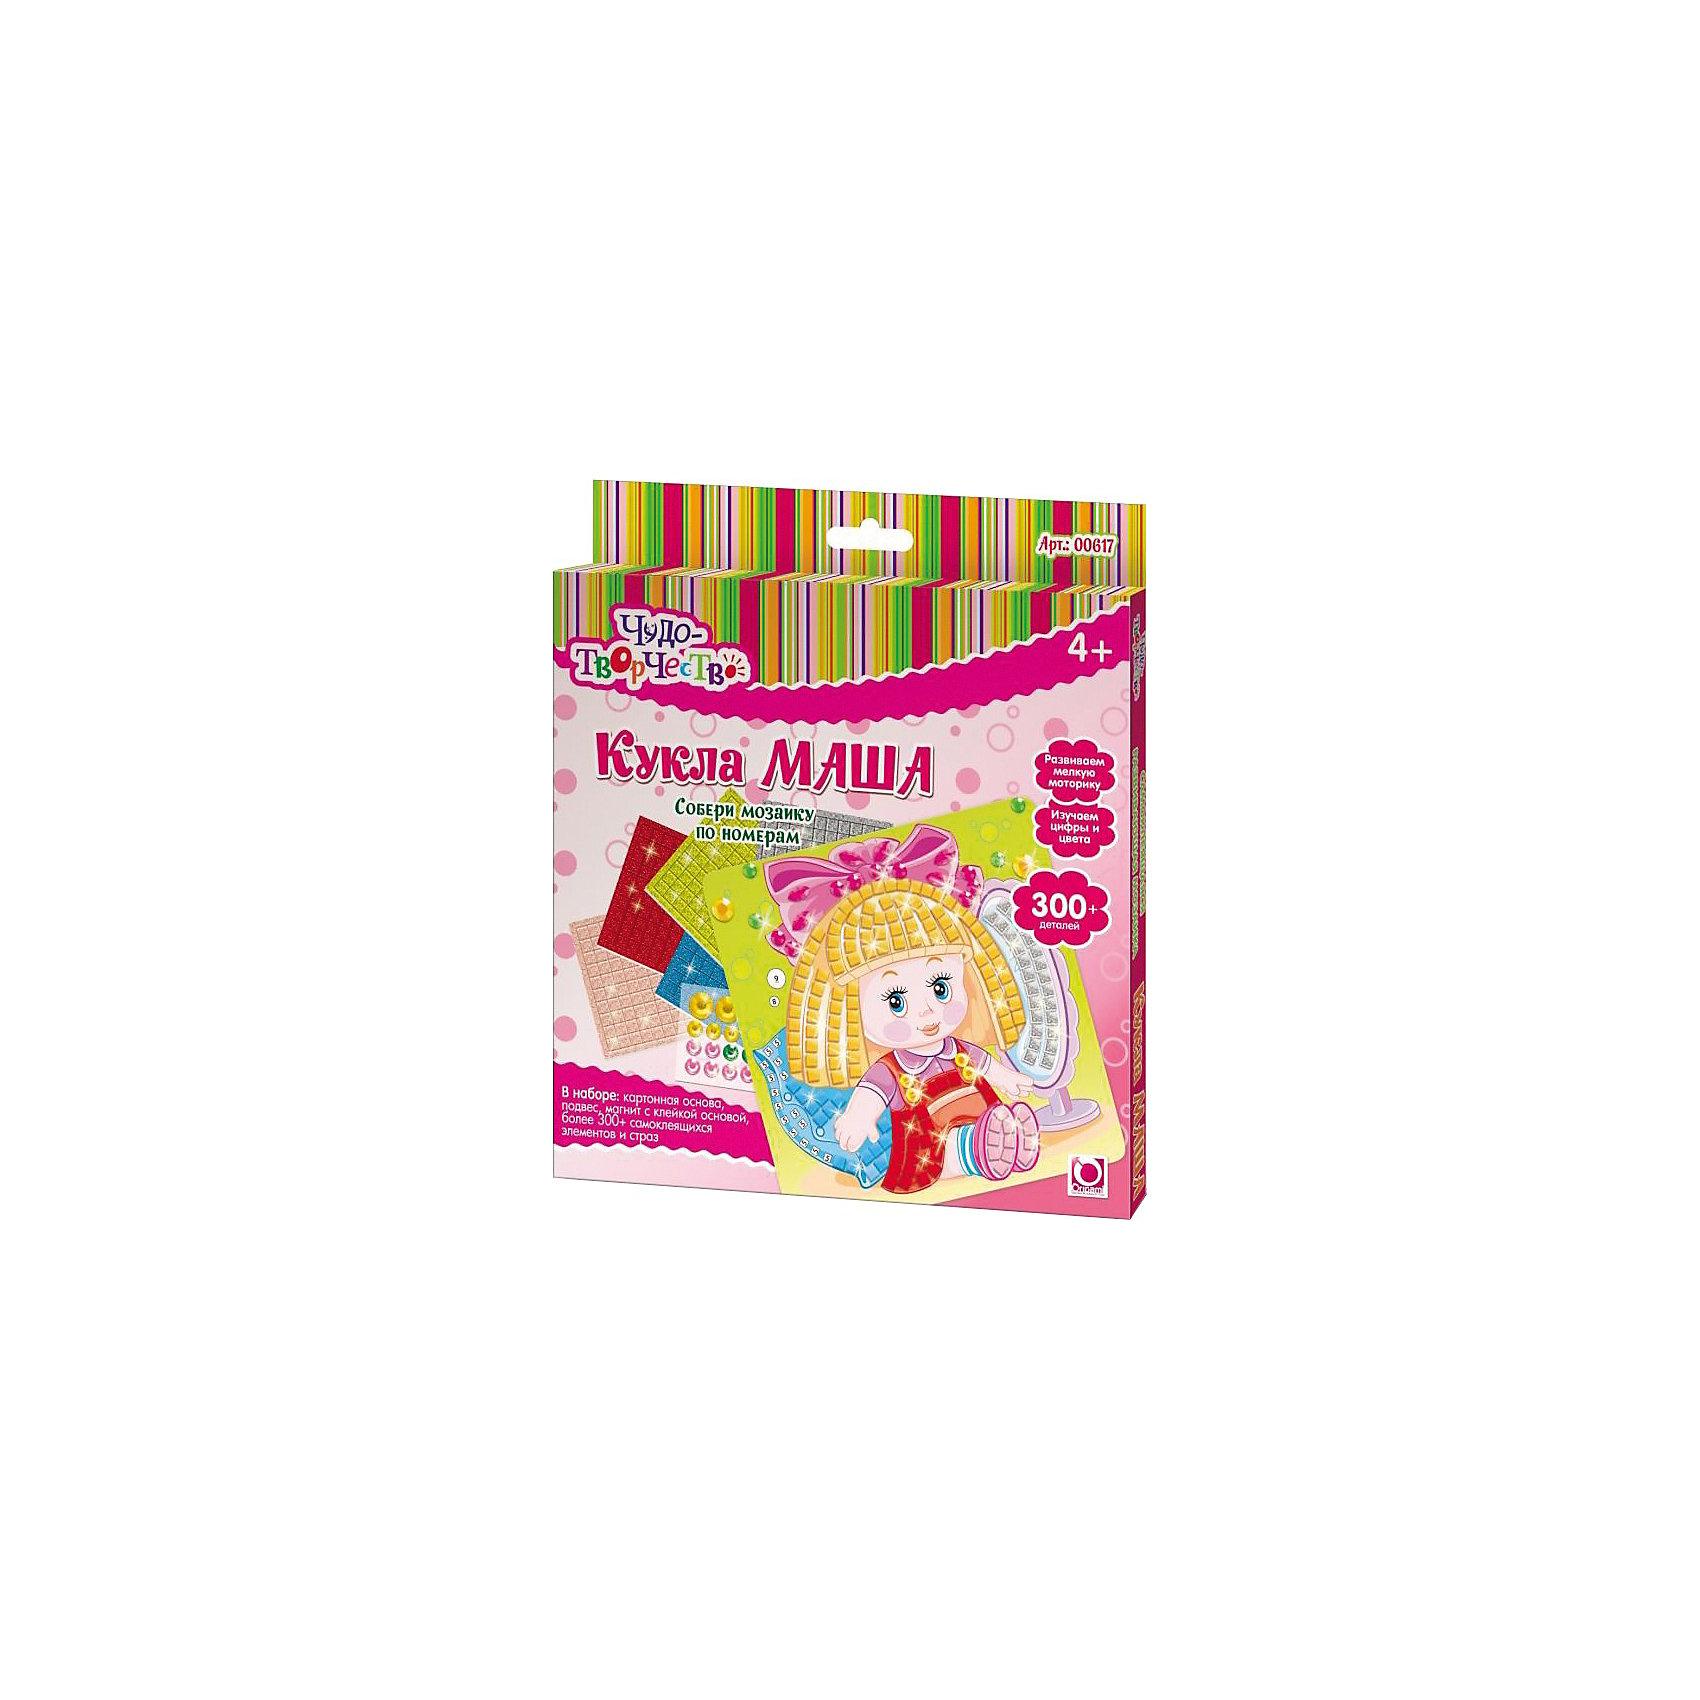 Самоклеющаяся мозаика Кукла Маша, ОригамиСамоклеющаяся мозаика Кукла Маша, Оригами – это творческая игра, в результате которой у детей получается замечательный «шедевр».<br>Самоклеющаяся мозаика Кукла Маша - увлекательная игрушка для детей, которая поможет изучить цвета и цифры. Отличие этой мозаики от обычной в том, что все ее детали имеют клейкую основу, их только нужно правильно разместить. Отклеивая и приклеивая элементы самоклеющейся мозаики, дети совершают тонкие манипуляции, тренируя тем самым мелкую моторику и усидчивость. Проявив внимательность и аккуратность, получится яркая и веселая картинка, которую можно повесить на стену или прикрепить с помощью магнита на холодильник.<br><br>Дополнительная информация:<br><br>- В наборе: картонная основа с картинкой (20x20см), более 300 самоклеющихся элементов и страз, подвес, магнит с клейкой основой<br>- Размер упаковки: 20,5 х 1,5 х 23 см.<br><br>Самоклеющуюся мозаику Кукла Маша, Оригами можно купить в нашем интернет-магазине.<br><br>Ширина мм: 205<br>Глубина мм: 230<br>Высота мм: 15<br>Вес г: 108<br>Возраст от месяцев: 48<br>Возраст до месяцев: 108<br>Пол: Женский<br>Возраст: Детский<br>SKU: 3911427